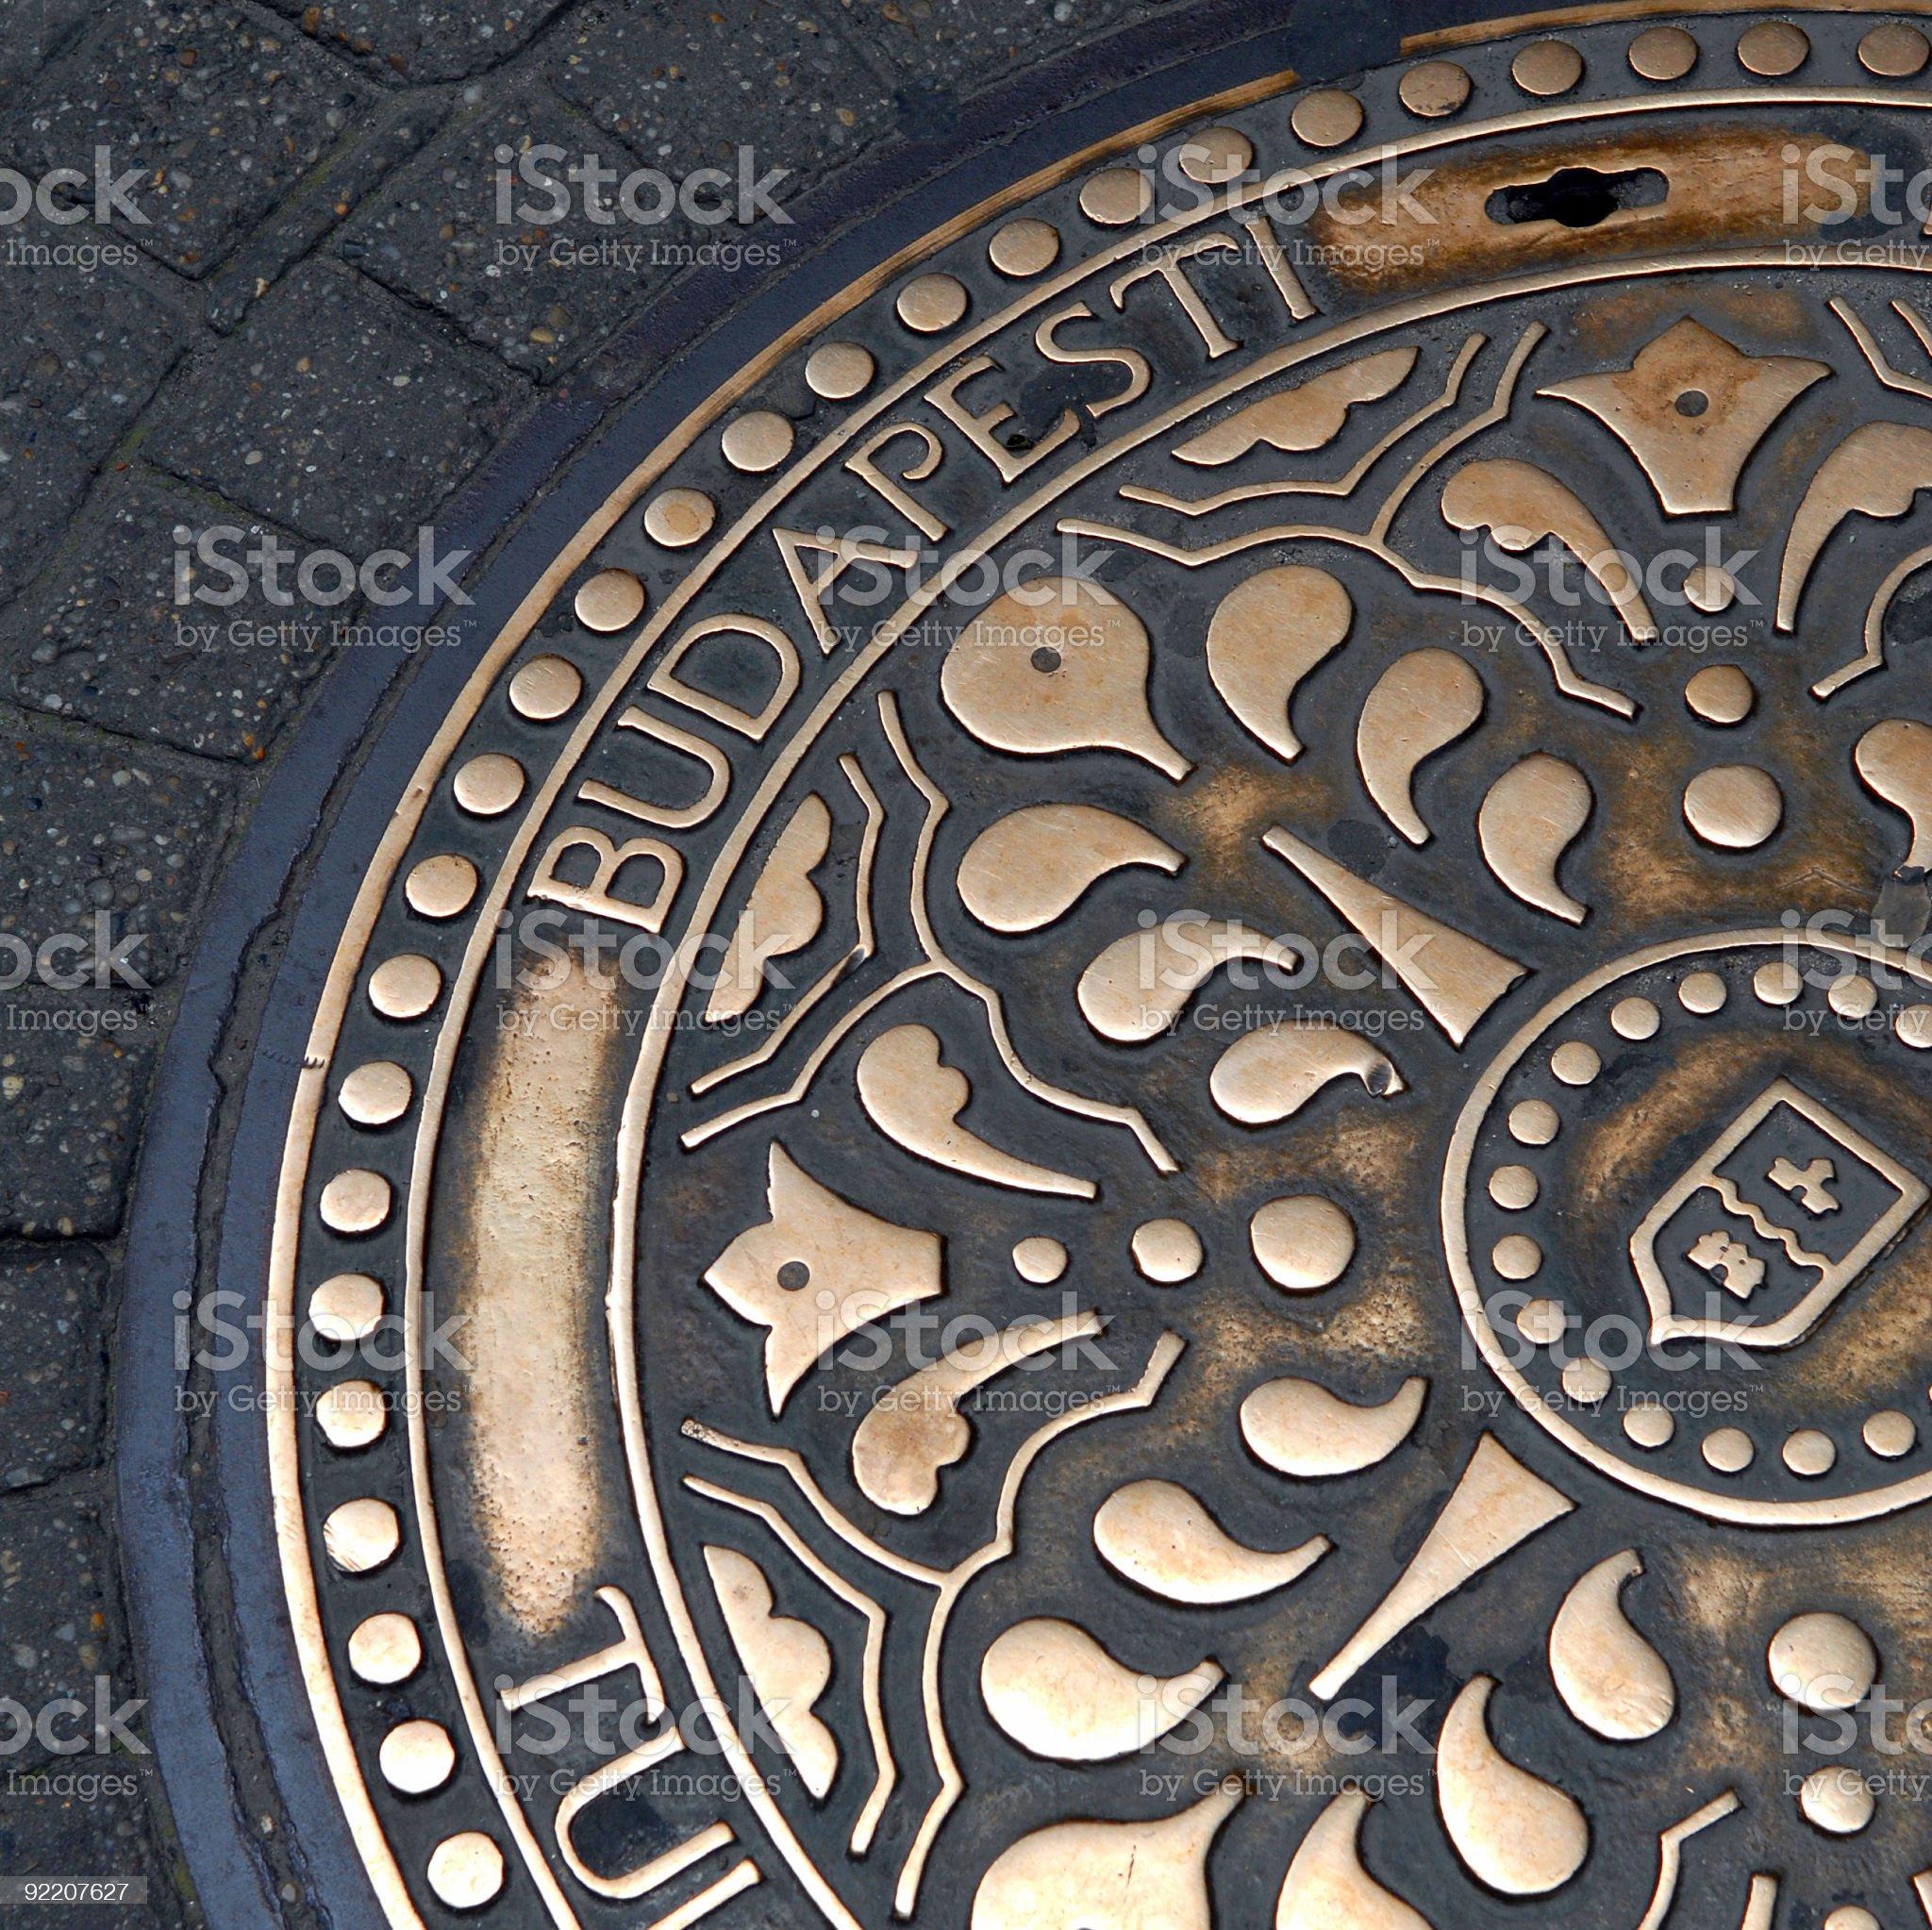 Budapest manhole royalty-free stock photo